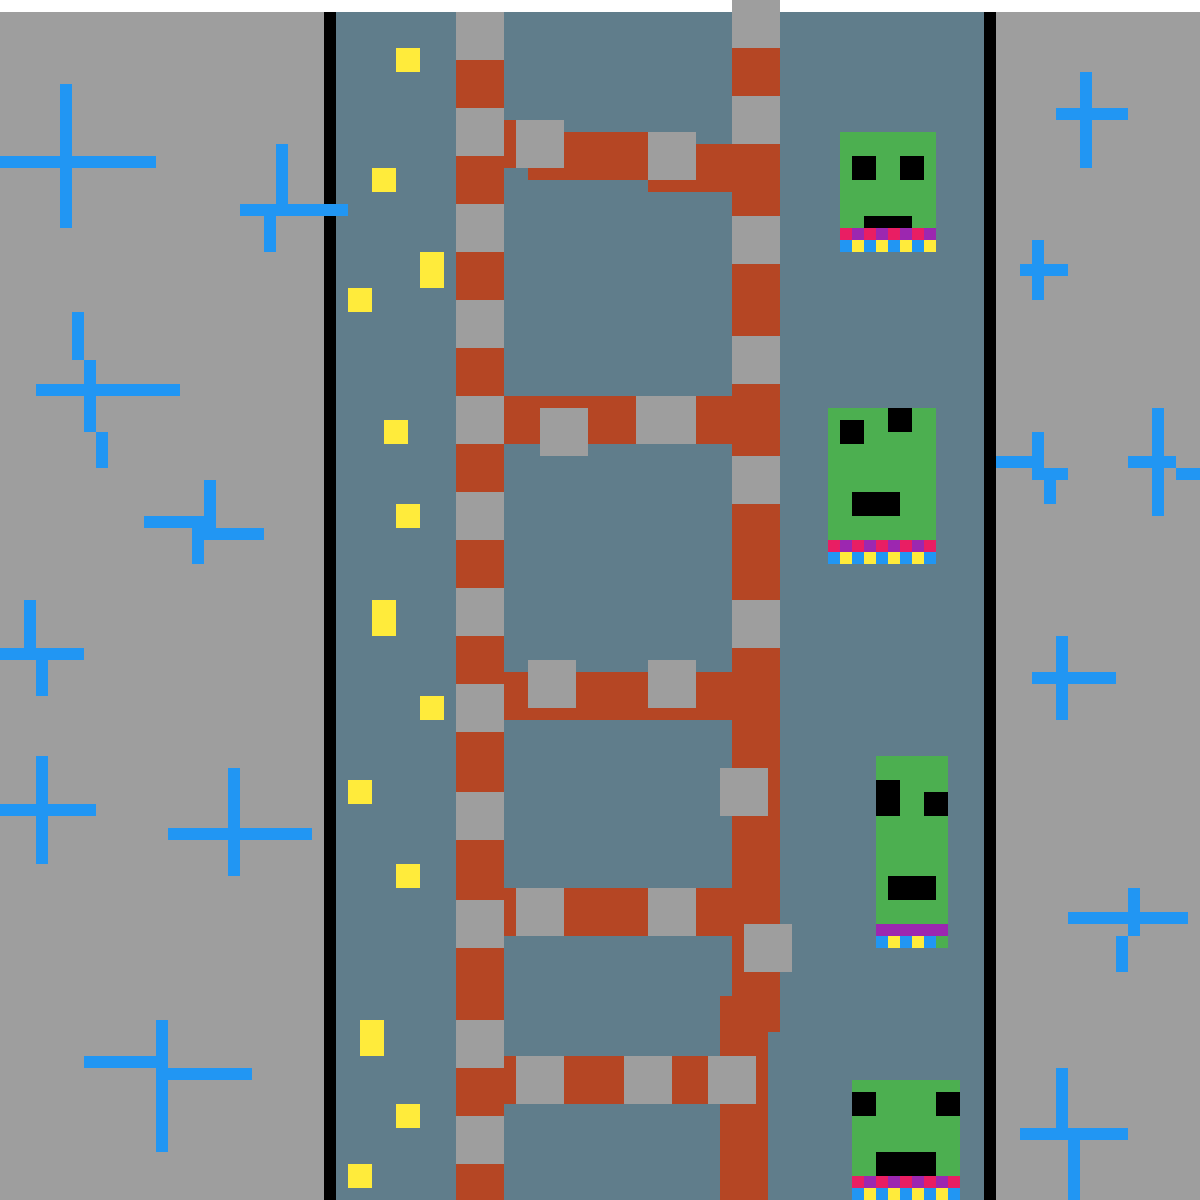 ladder by cuppydraws